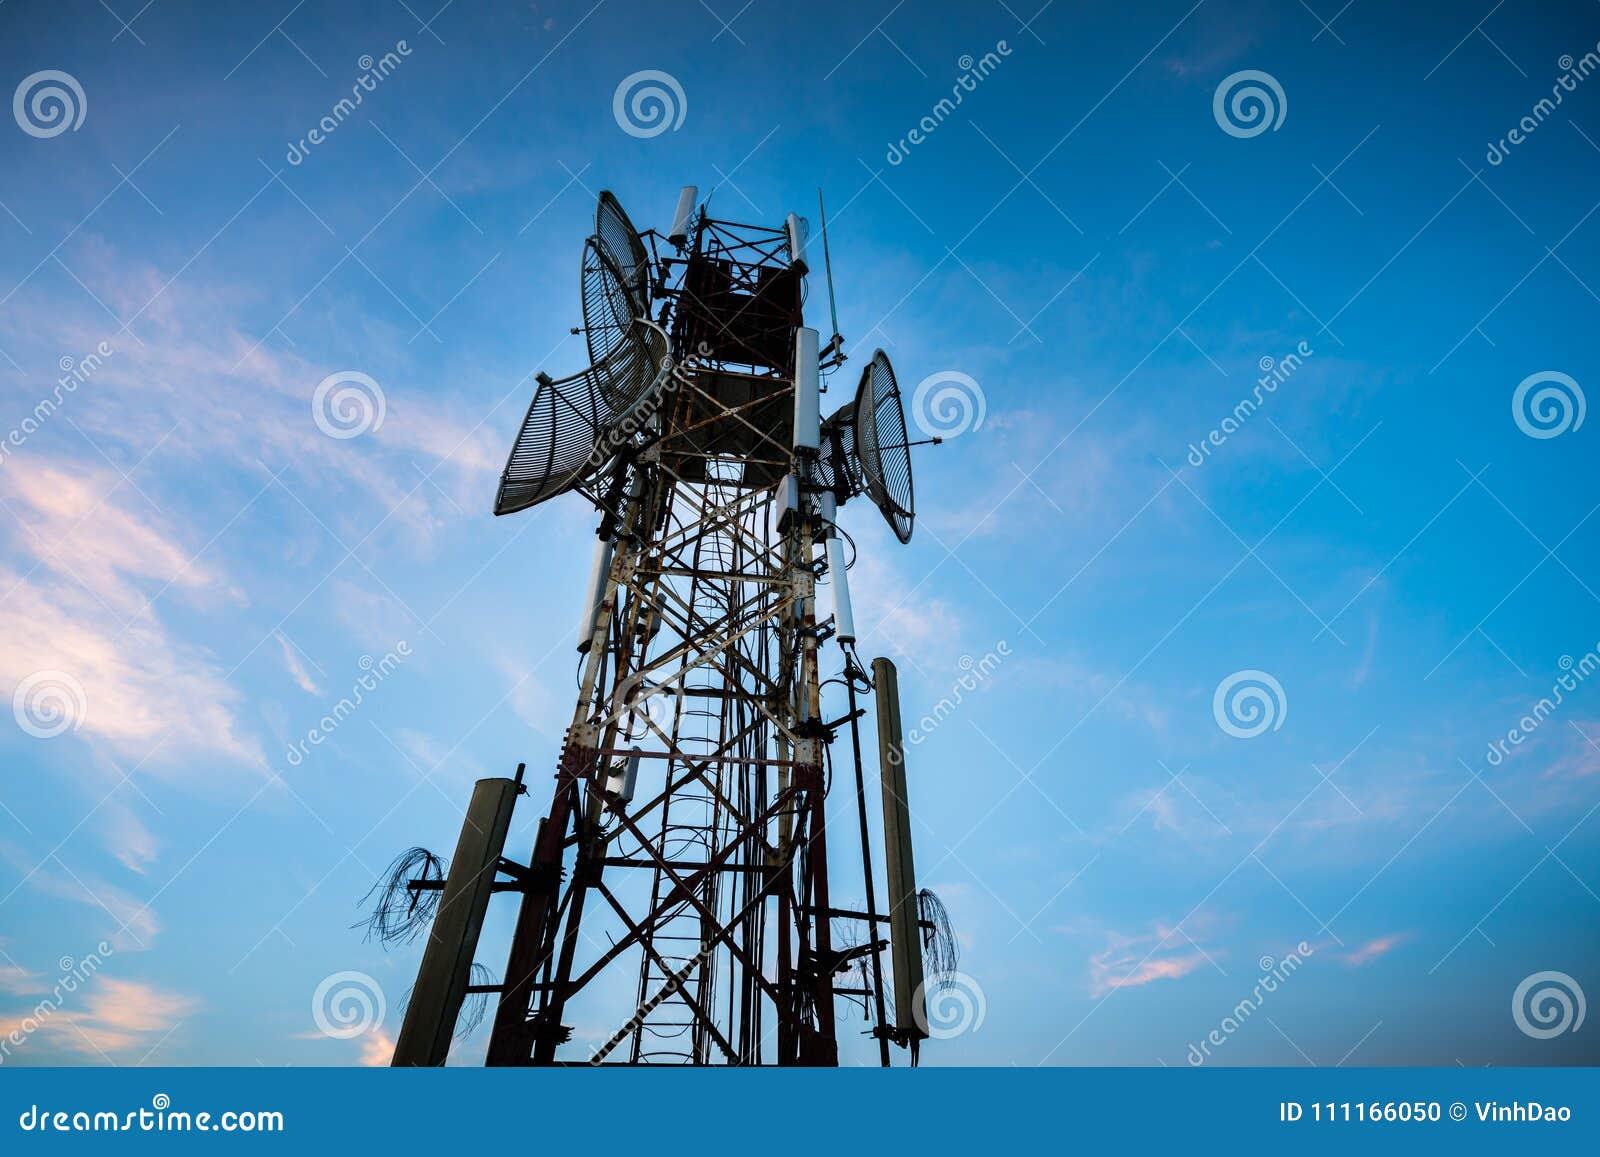 Antenne de télécommunication pour la radio, la télévision et le téléphone avec le ciel bleu